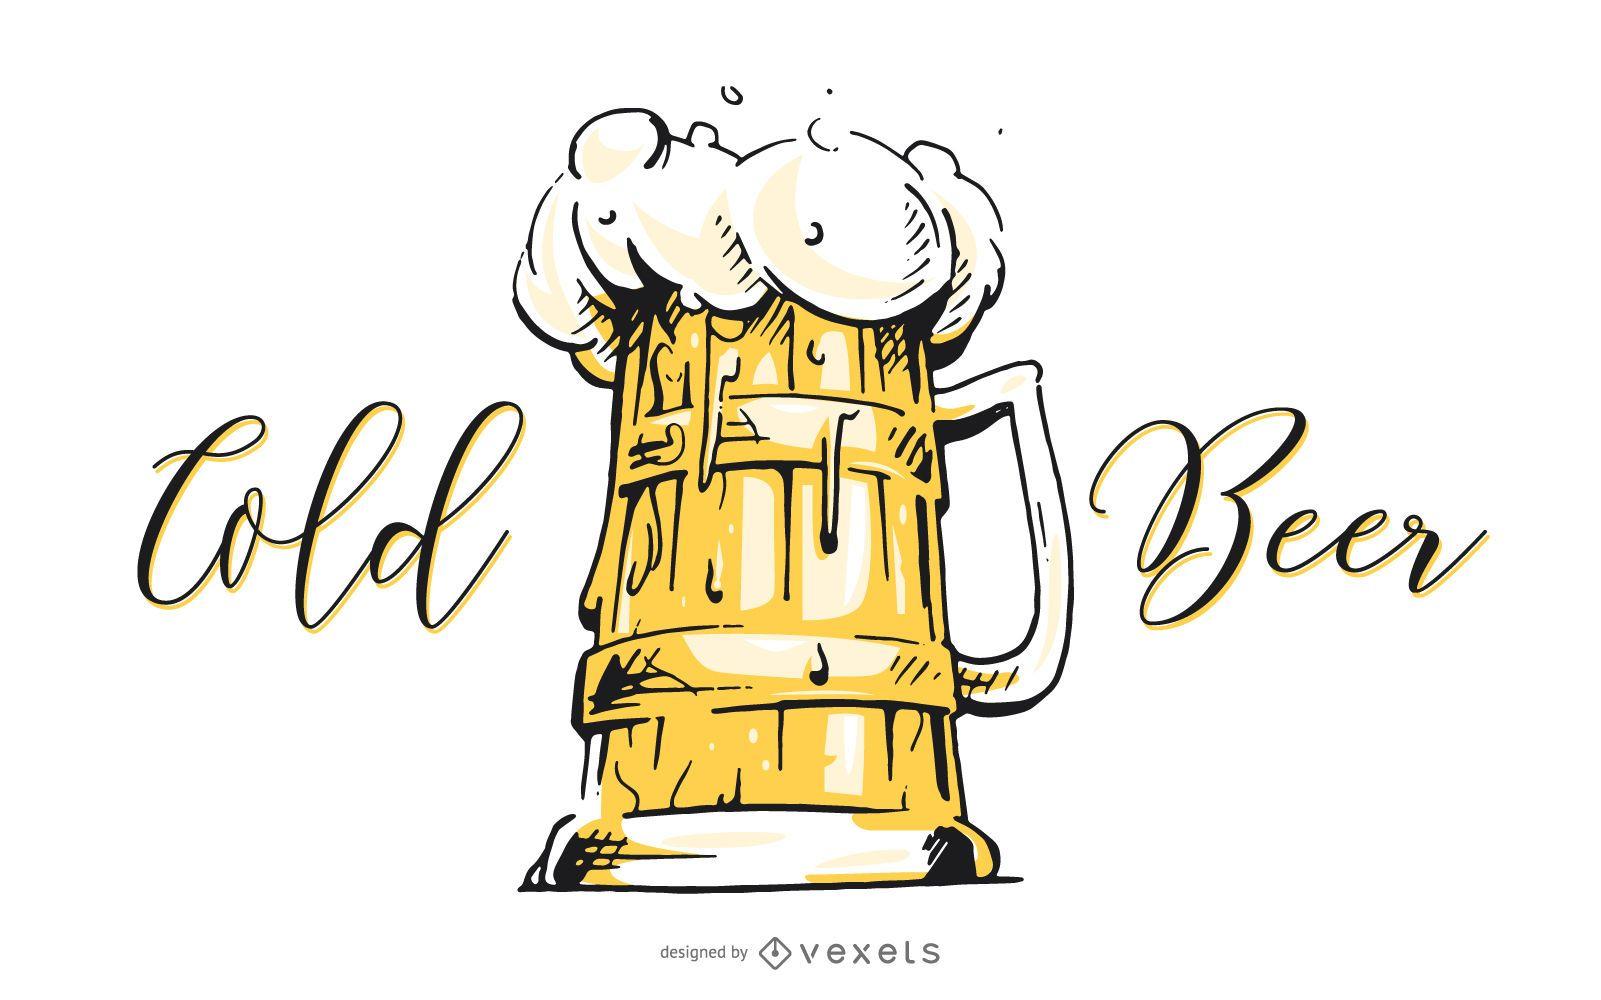 Ilustrador de canecas de cerveja gelada